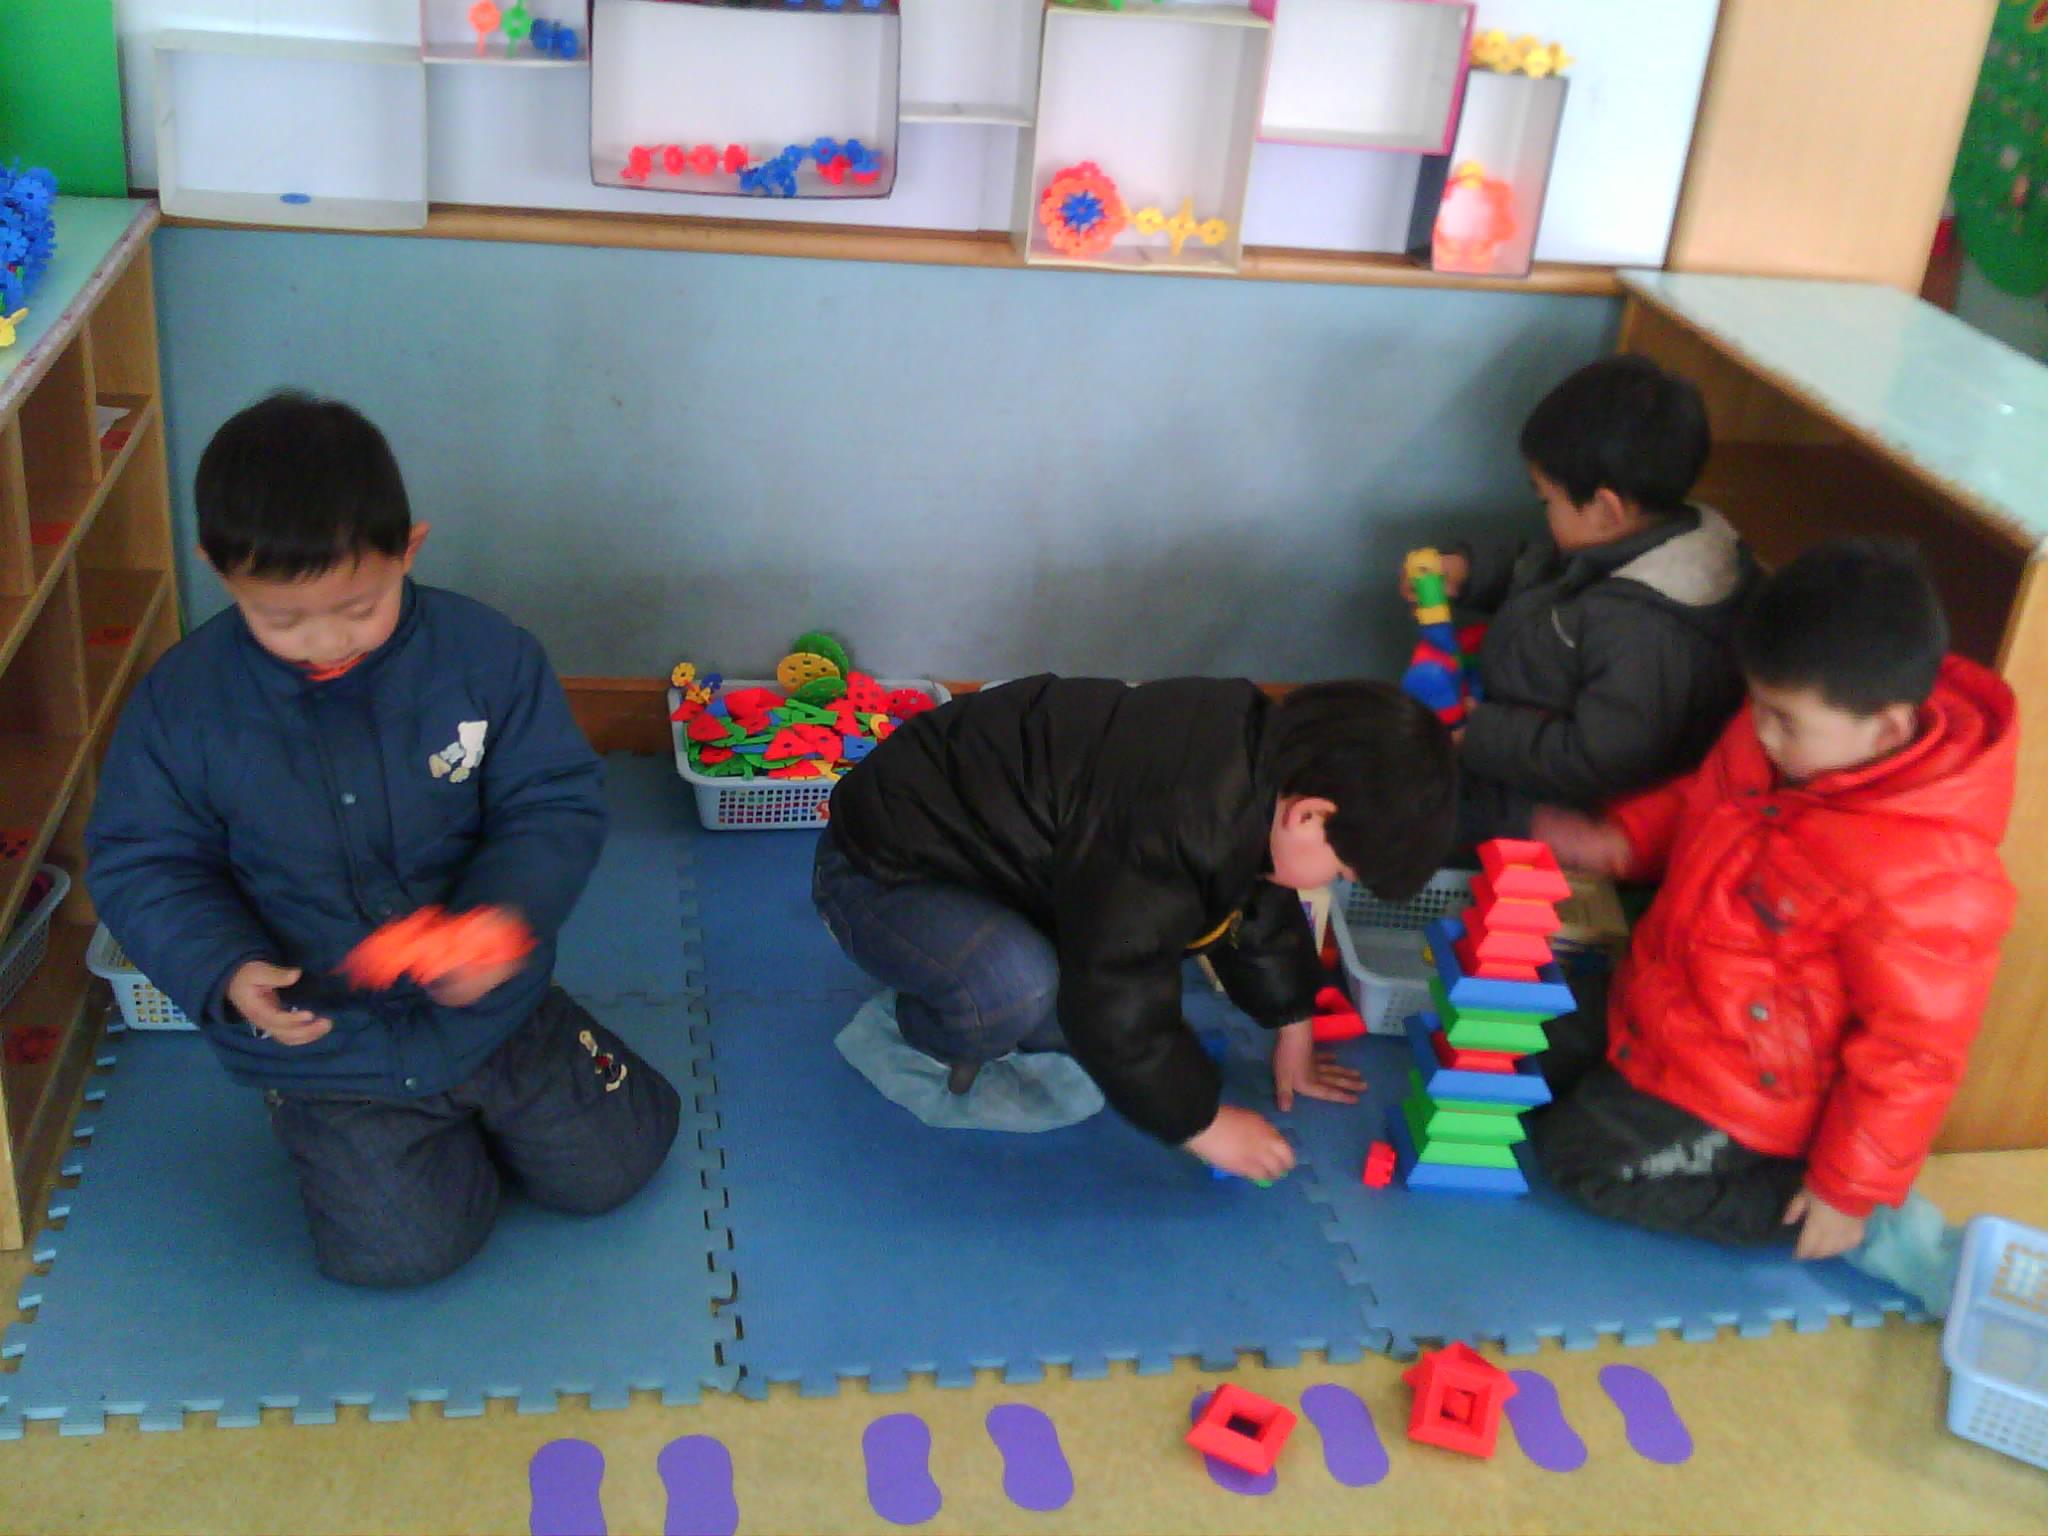 宝宝们在建构区搭建积木!